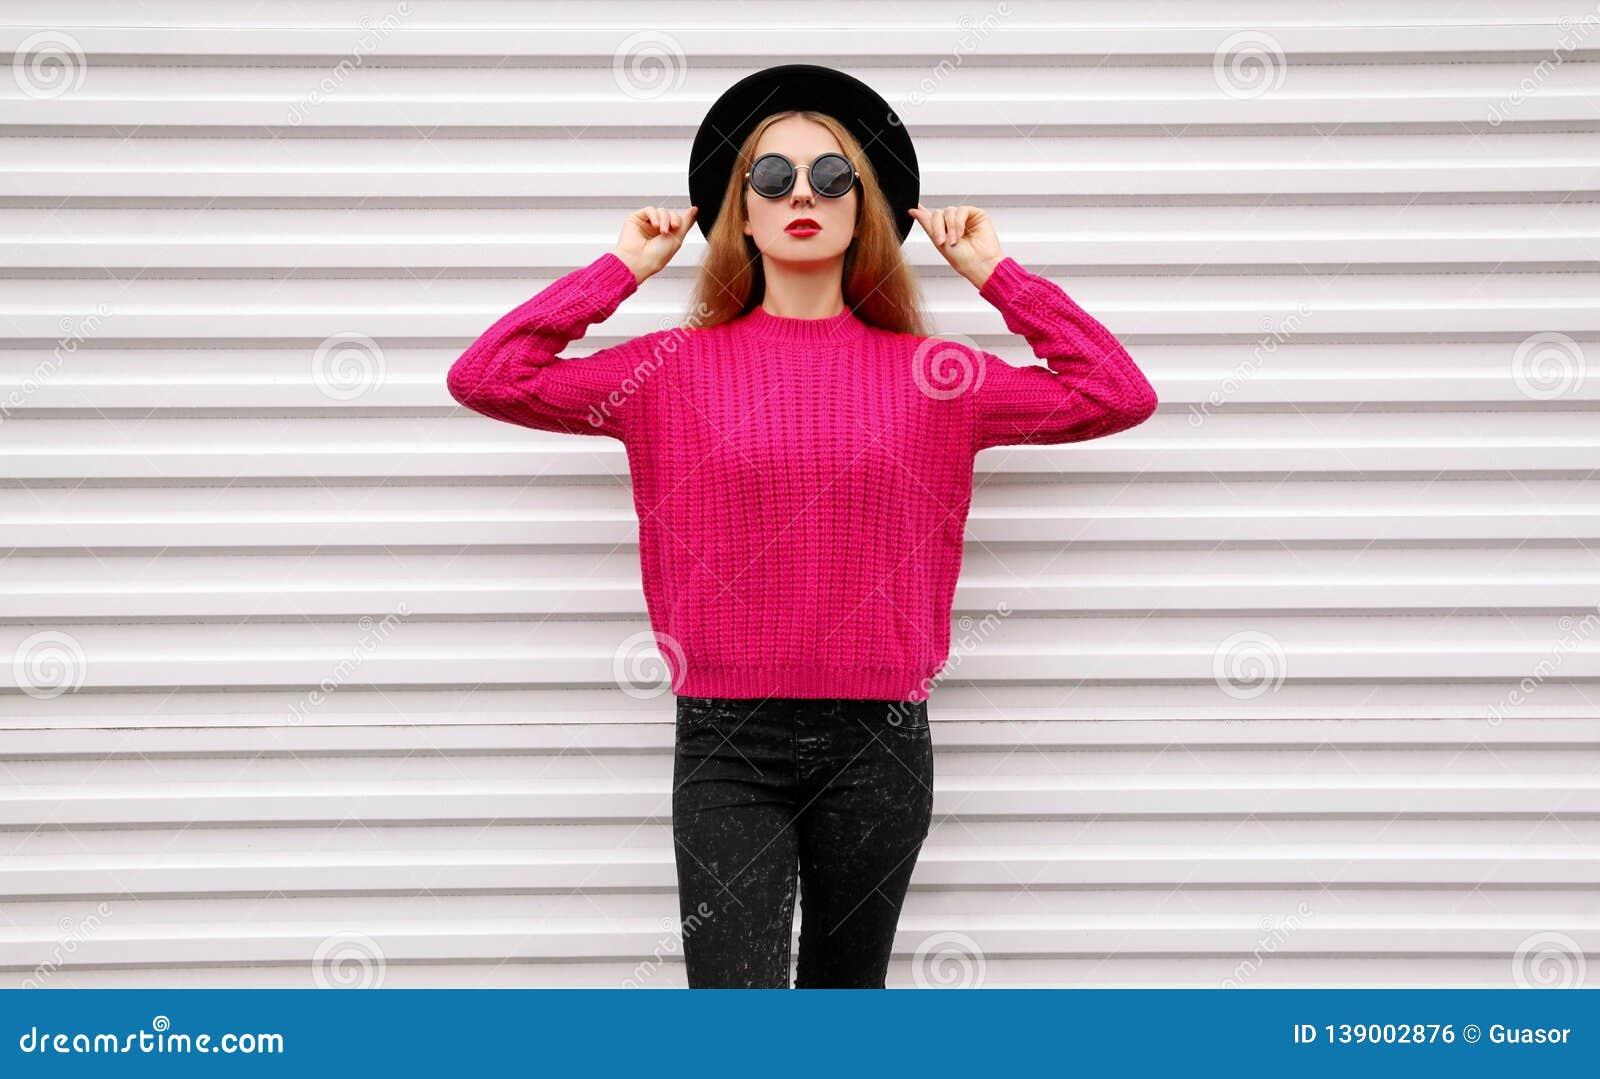 Modelo bonito elegante de la mujer que presenta en el suéter hecho punto rosado colorido, sombrero redondo negro en la pared blan